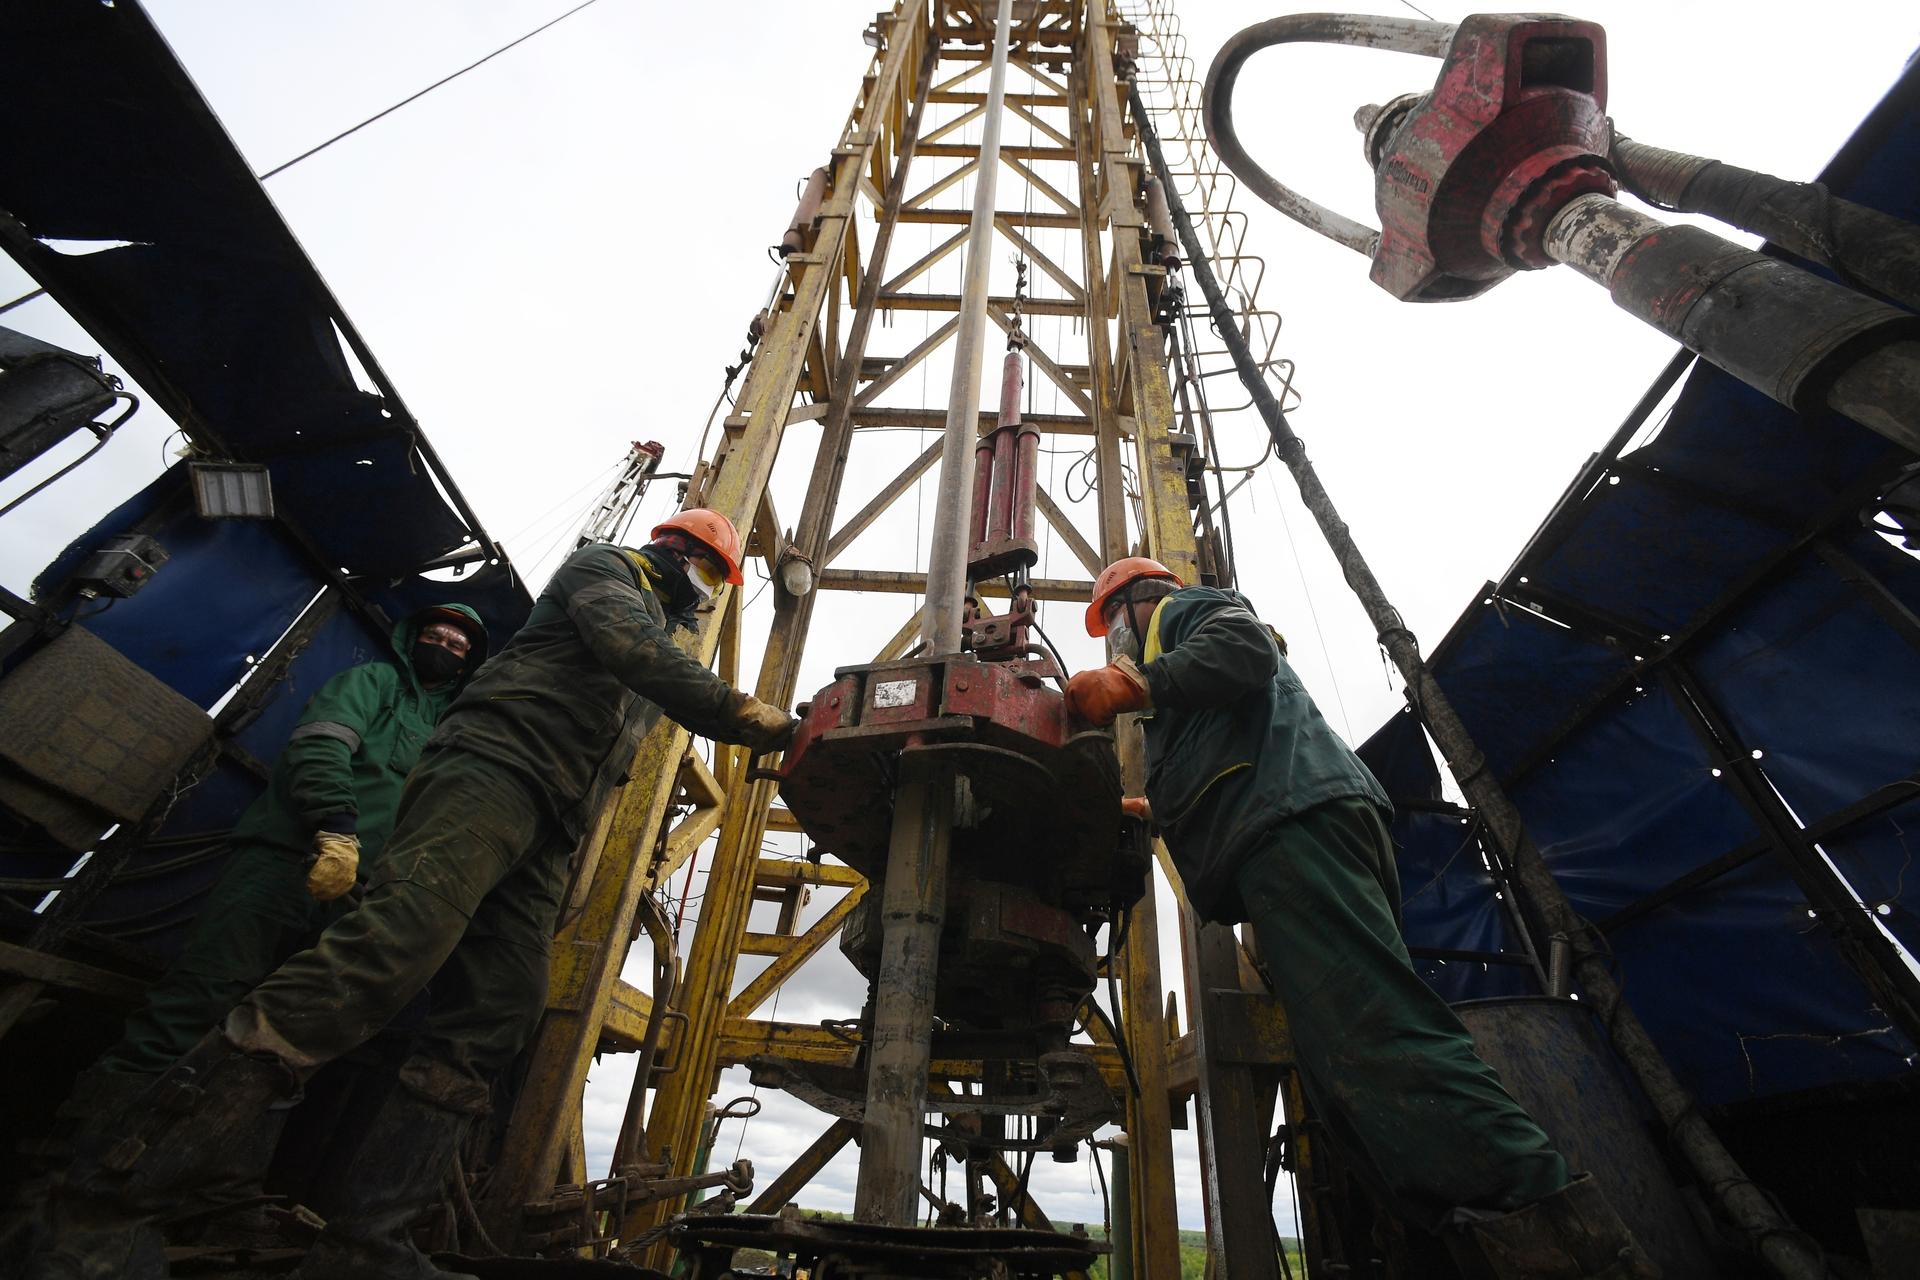 60ed679c02e8bd79a279e70e Сырьевой сброс: доля нефтегазового сектора в ВВП России сократилась до 15%